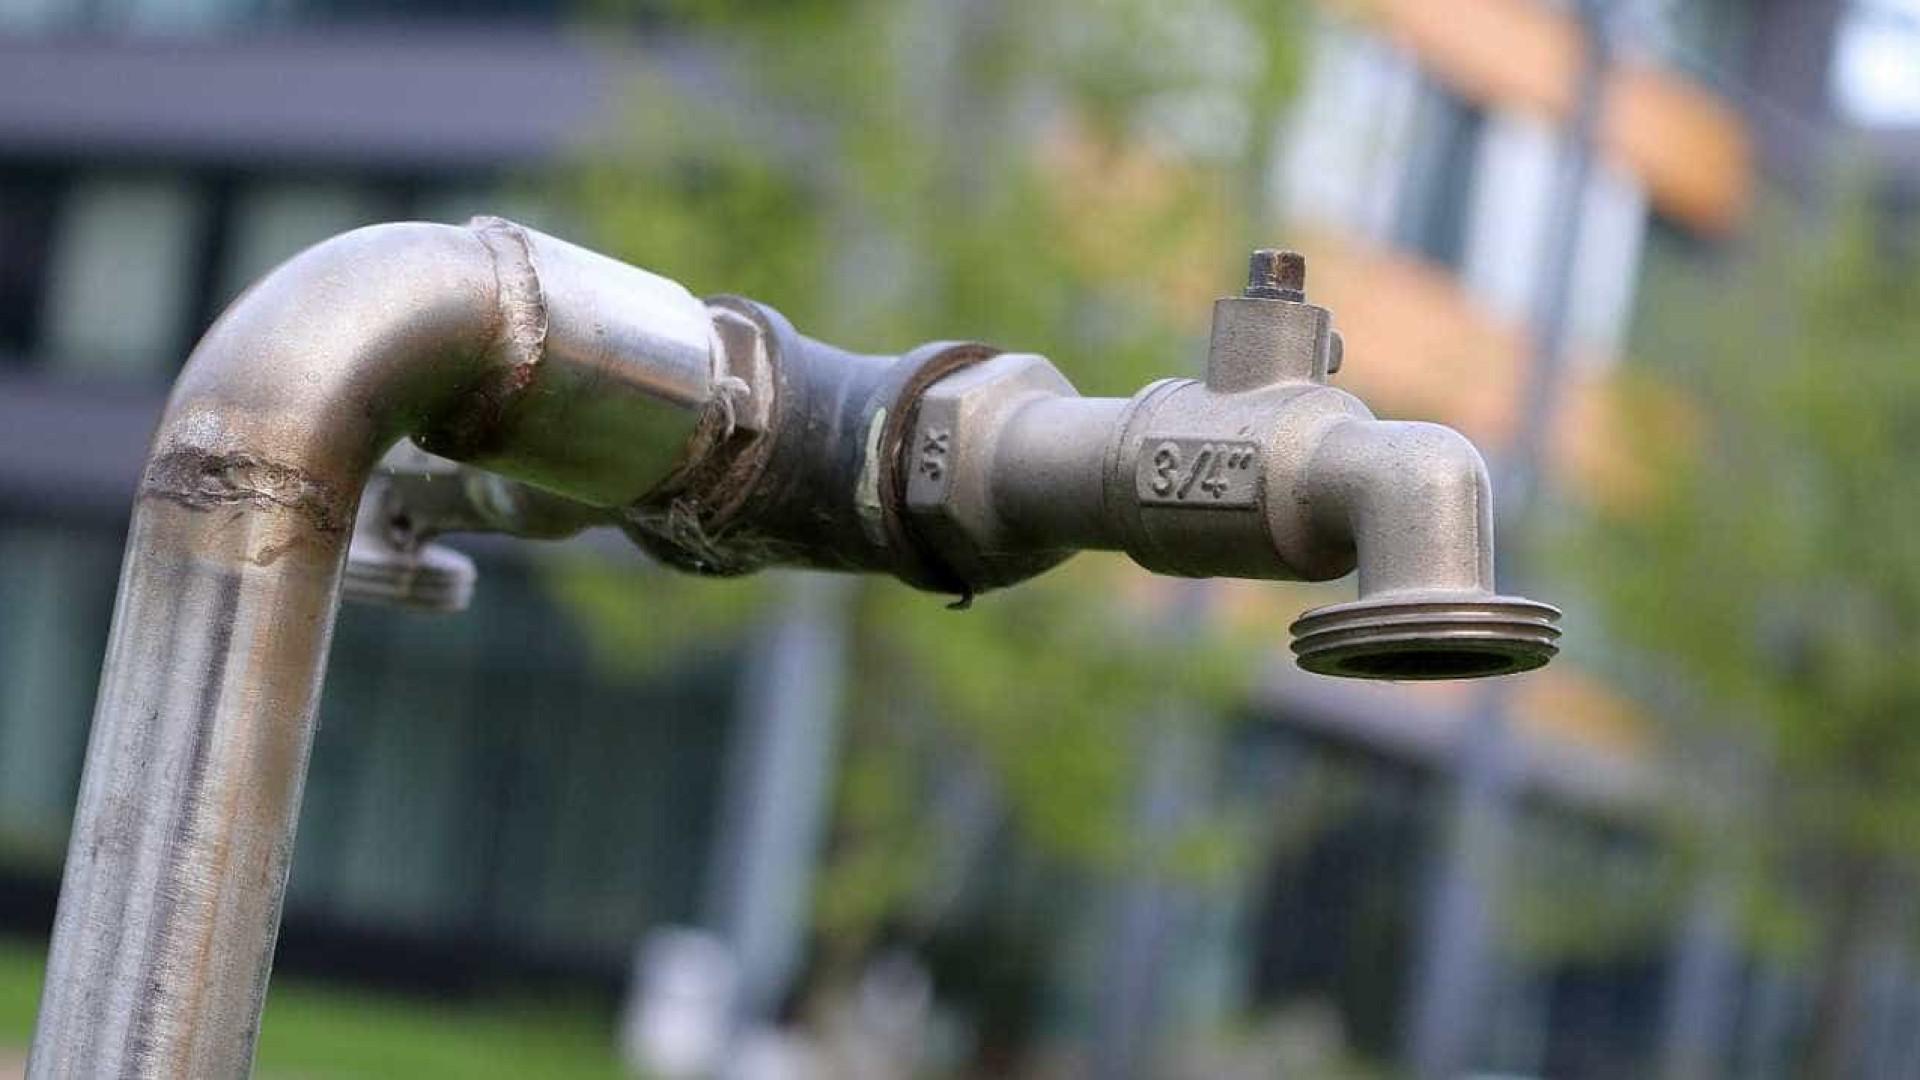 Queixas à Sabesp por falta de água sobem e chegam a uma por minuto